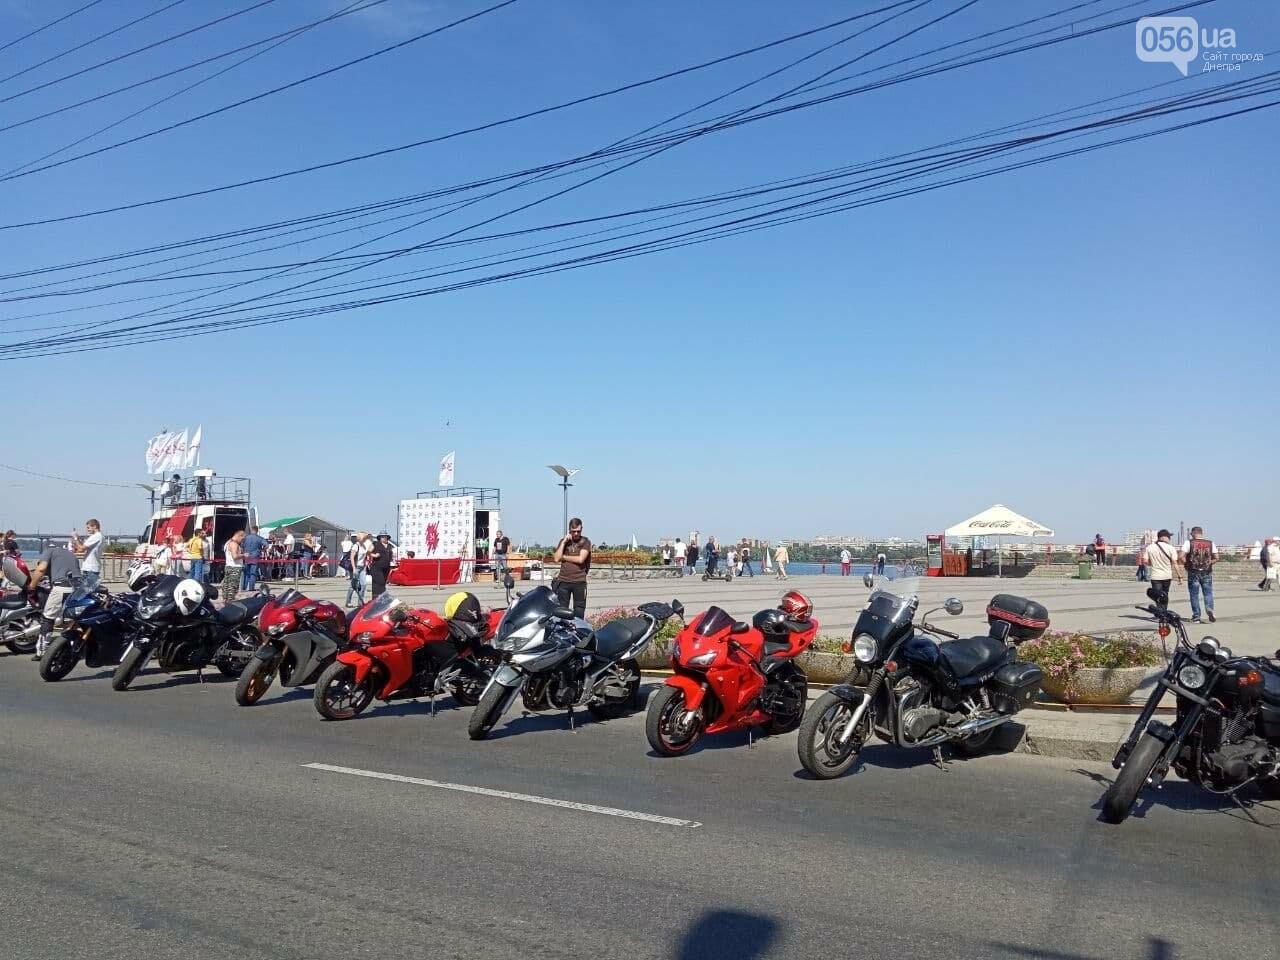 В Днепре байкеры сезон закрыли, но мотоциклы в гараж не поставили, - ФОТО, ВИДЕО, фото-5